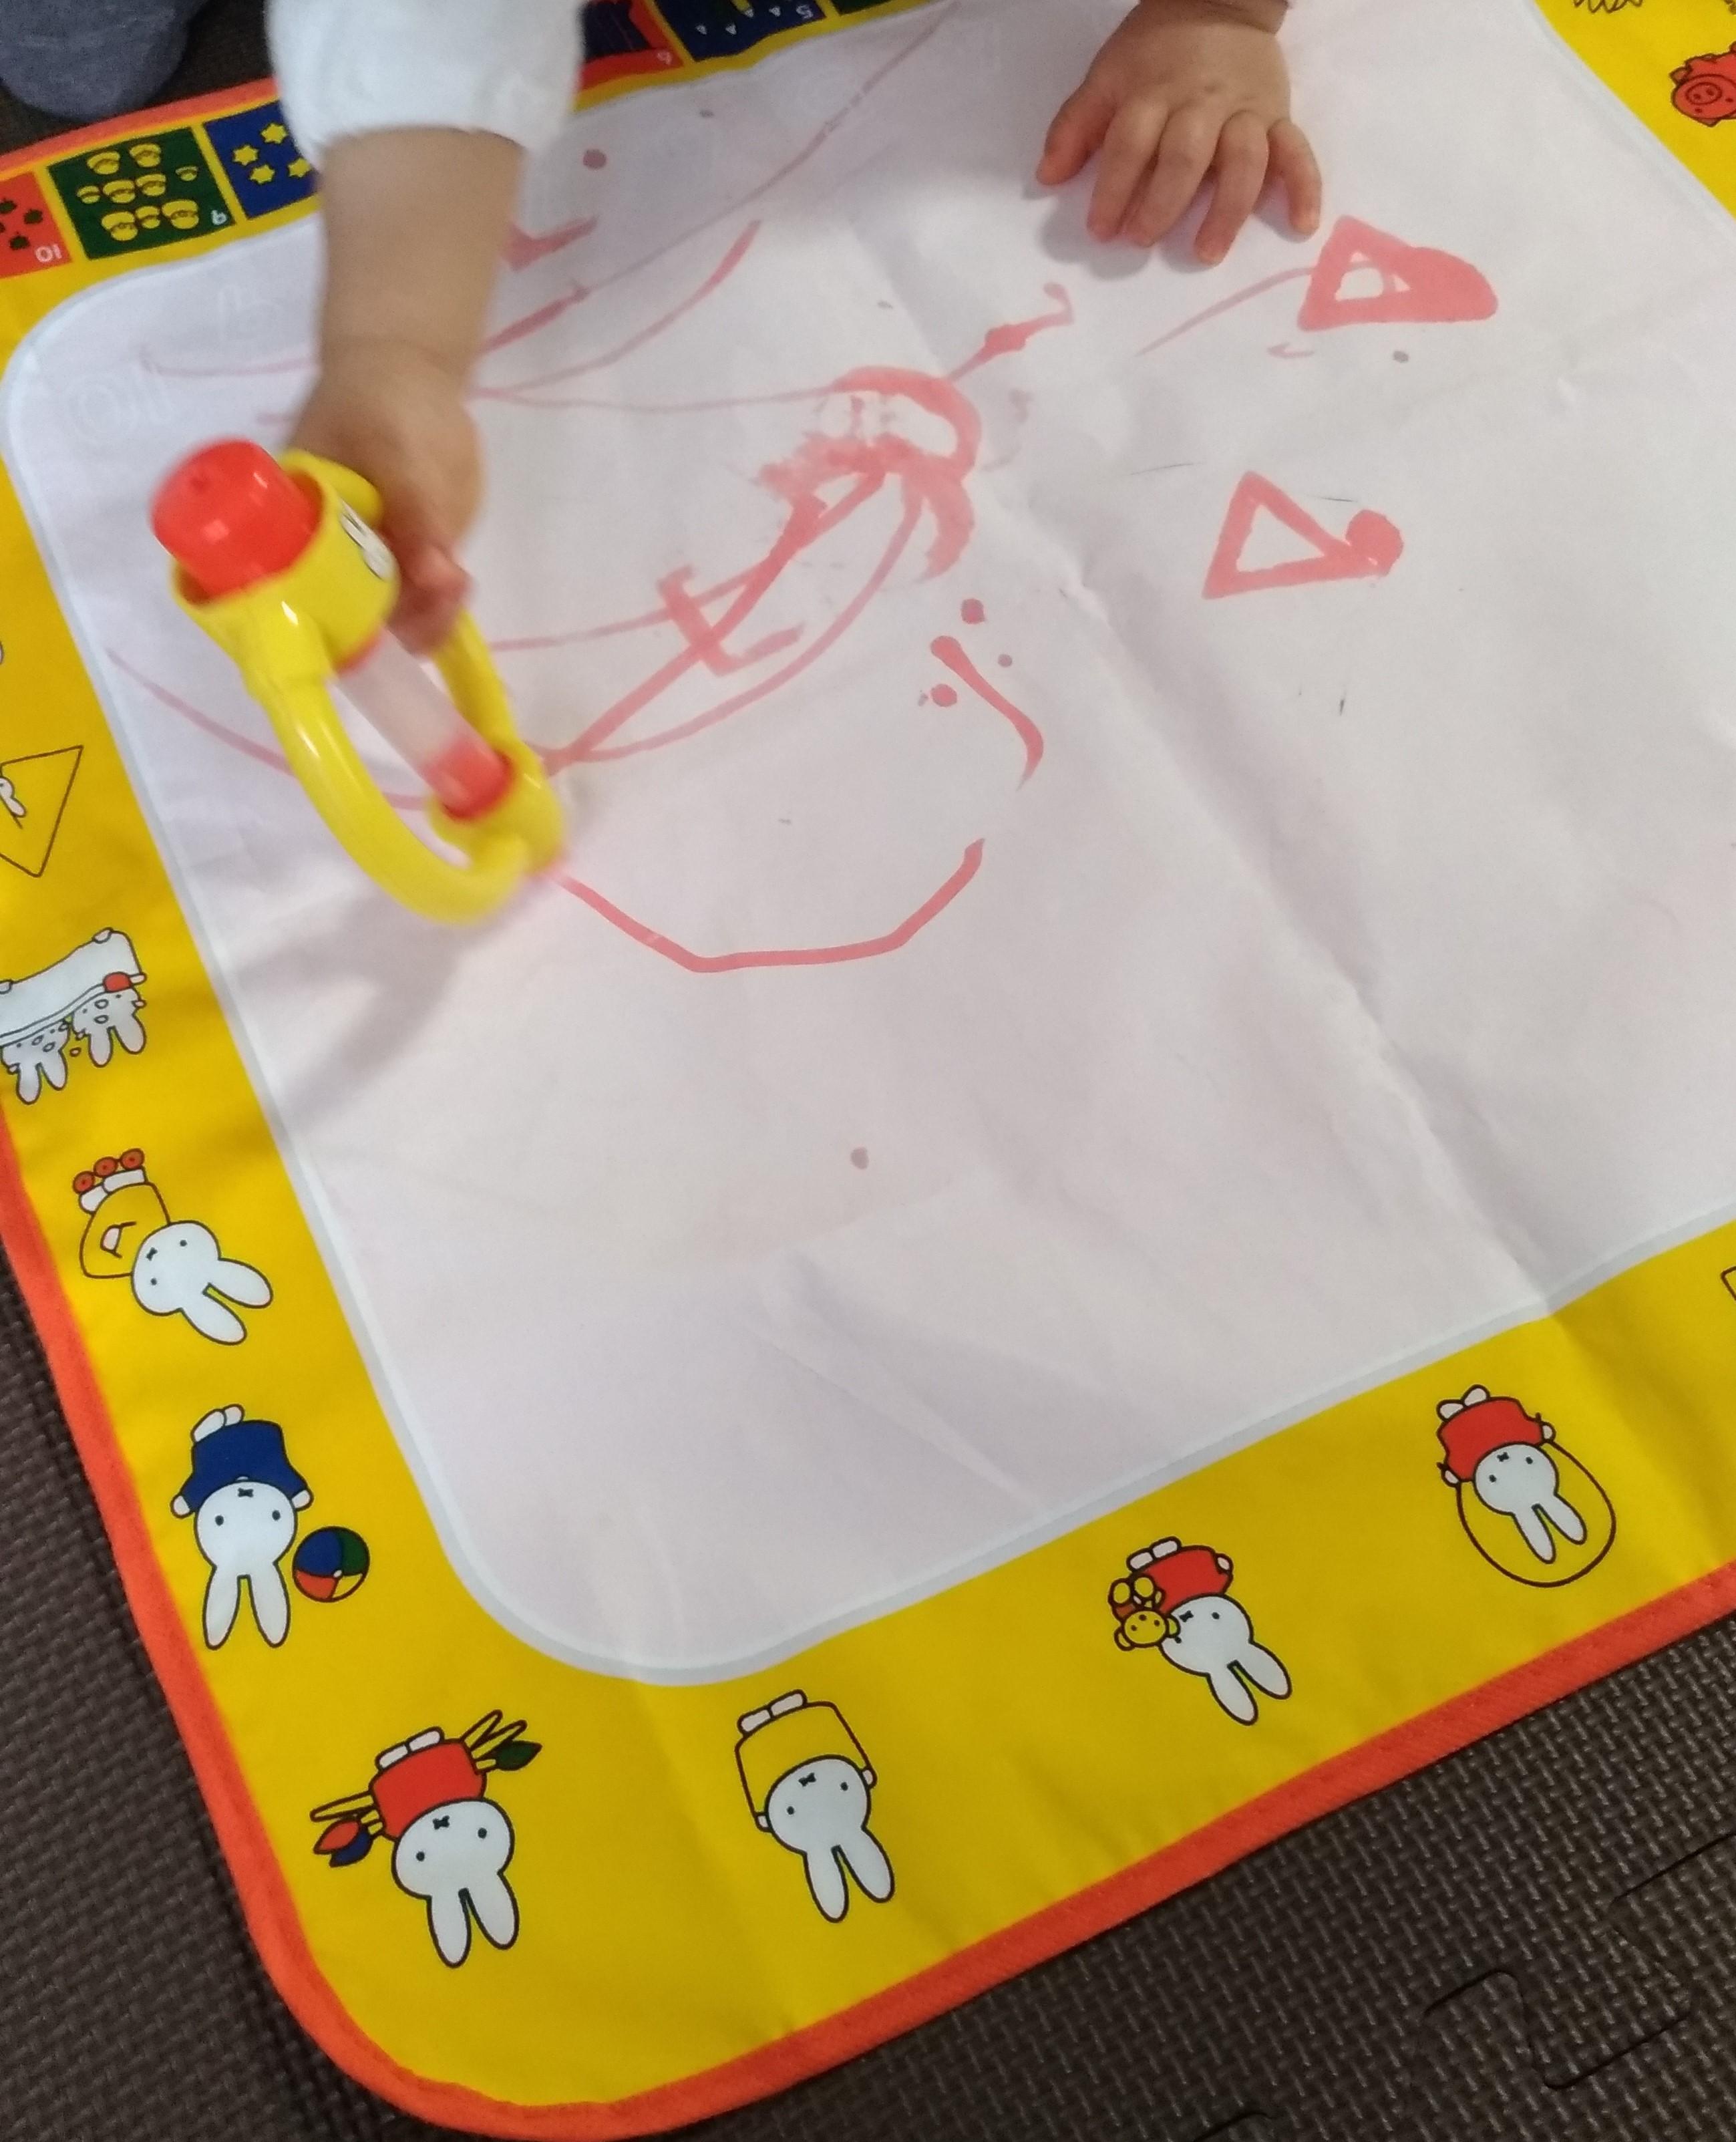 1歳で初めてお絵かきするなら水で描けるスイスイおえかきがおすすめ!使った口コミ感想!